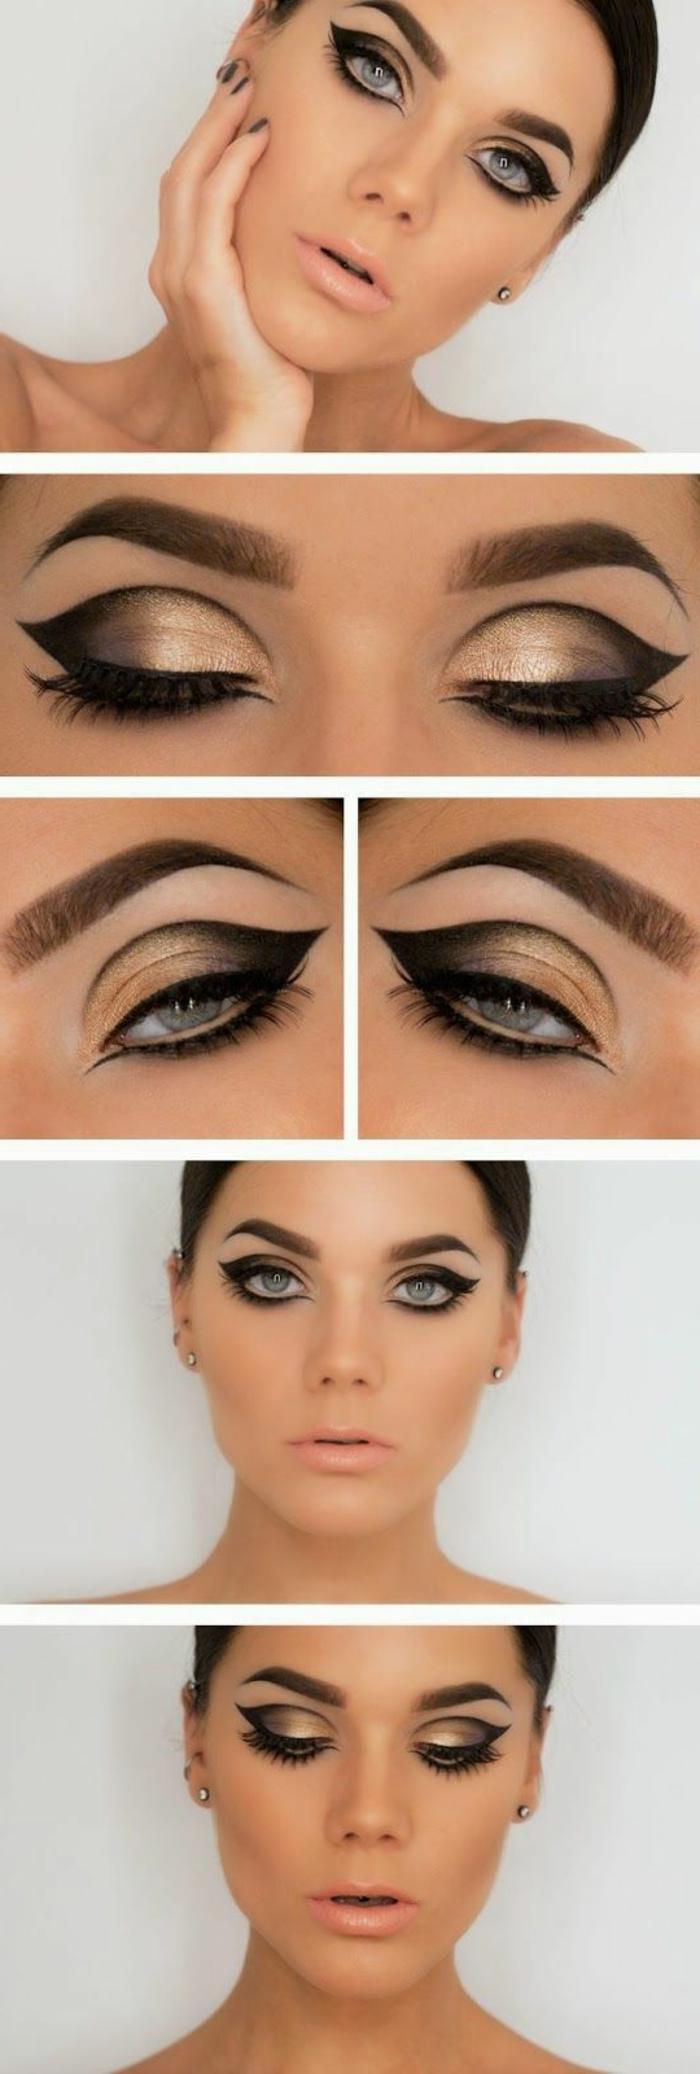 ojos-ahumados-mujer-con-ojos-azules-maquillaje-en-oro-y-negro-lapiz-de-ojos